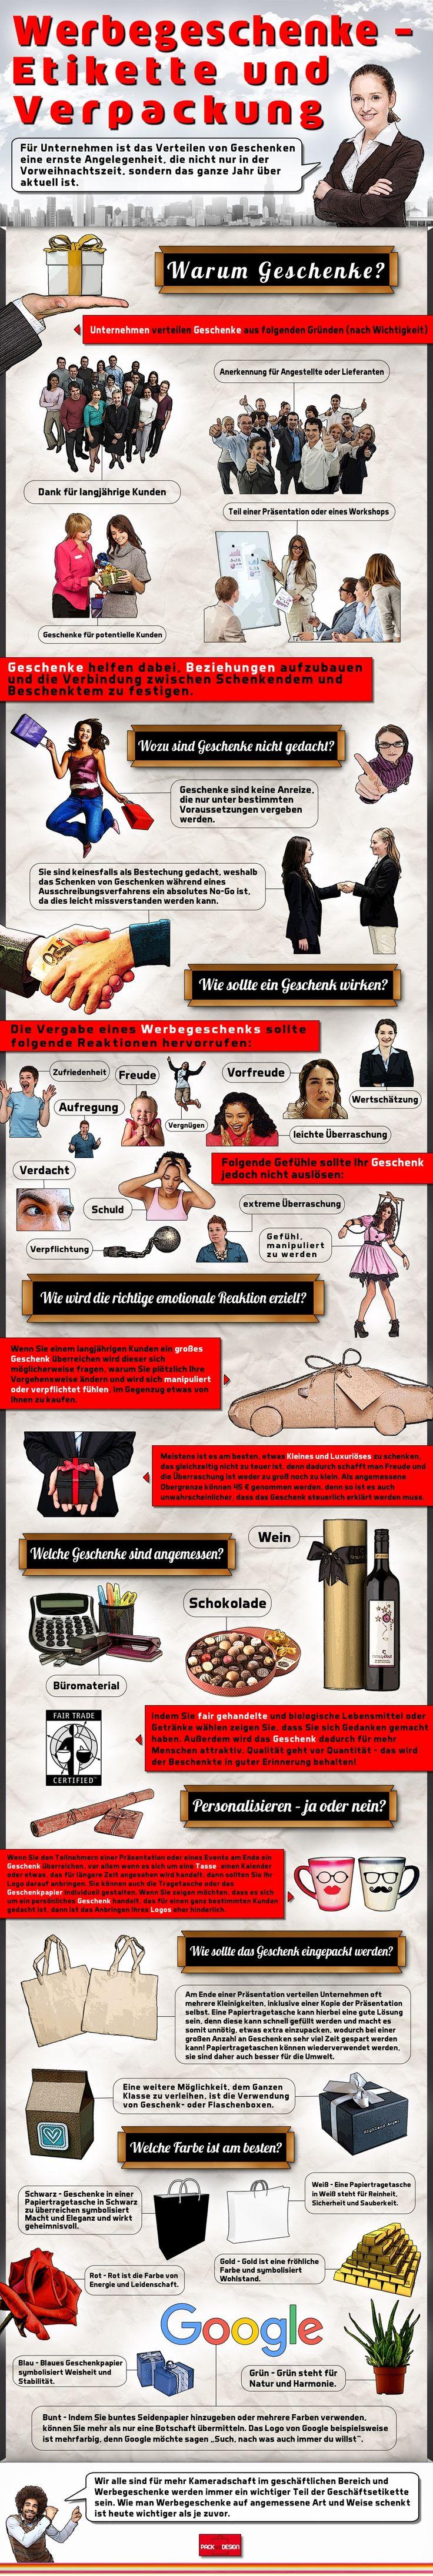 Bei Werbegeschenken gilt es vieles zu beachten. Als besonders gute Wahl hierfür gelten praktische Tragetaschen aus Papier, wie die von Pack and Design, dem Anbieter hochwertiger Geschenkverpackungen: http://www.packanddesign.com/6-papiertragetaschen